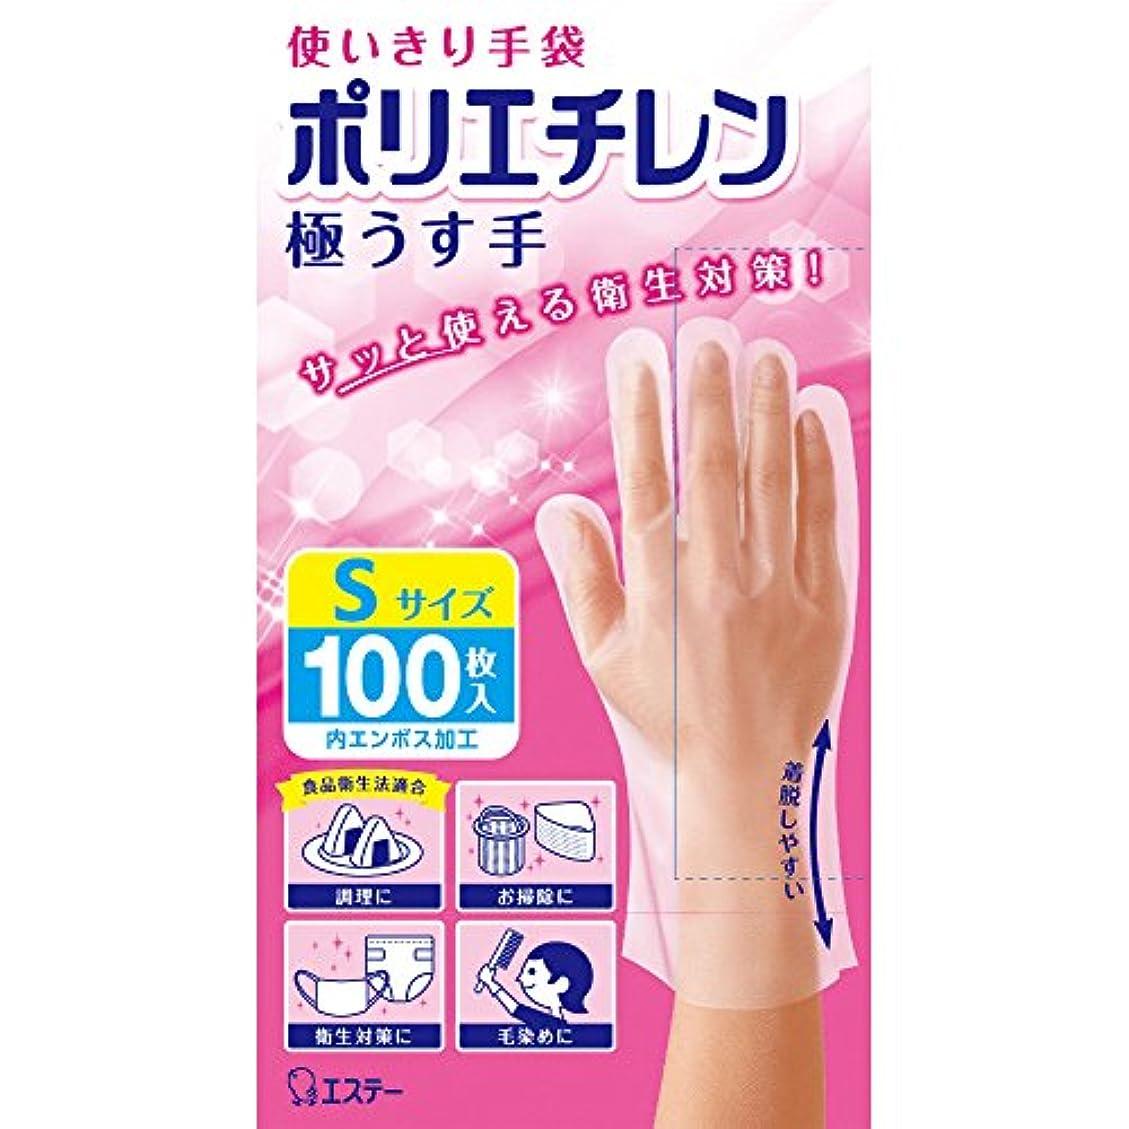 タンク資本後継使いきり手袋 ポリエチレン 極うす手 Sサイズ 半透明 100枚 使い捨て 食品衛生法適合